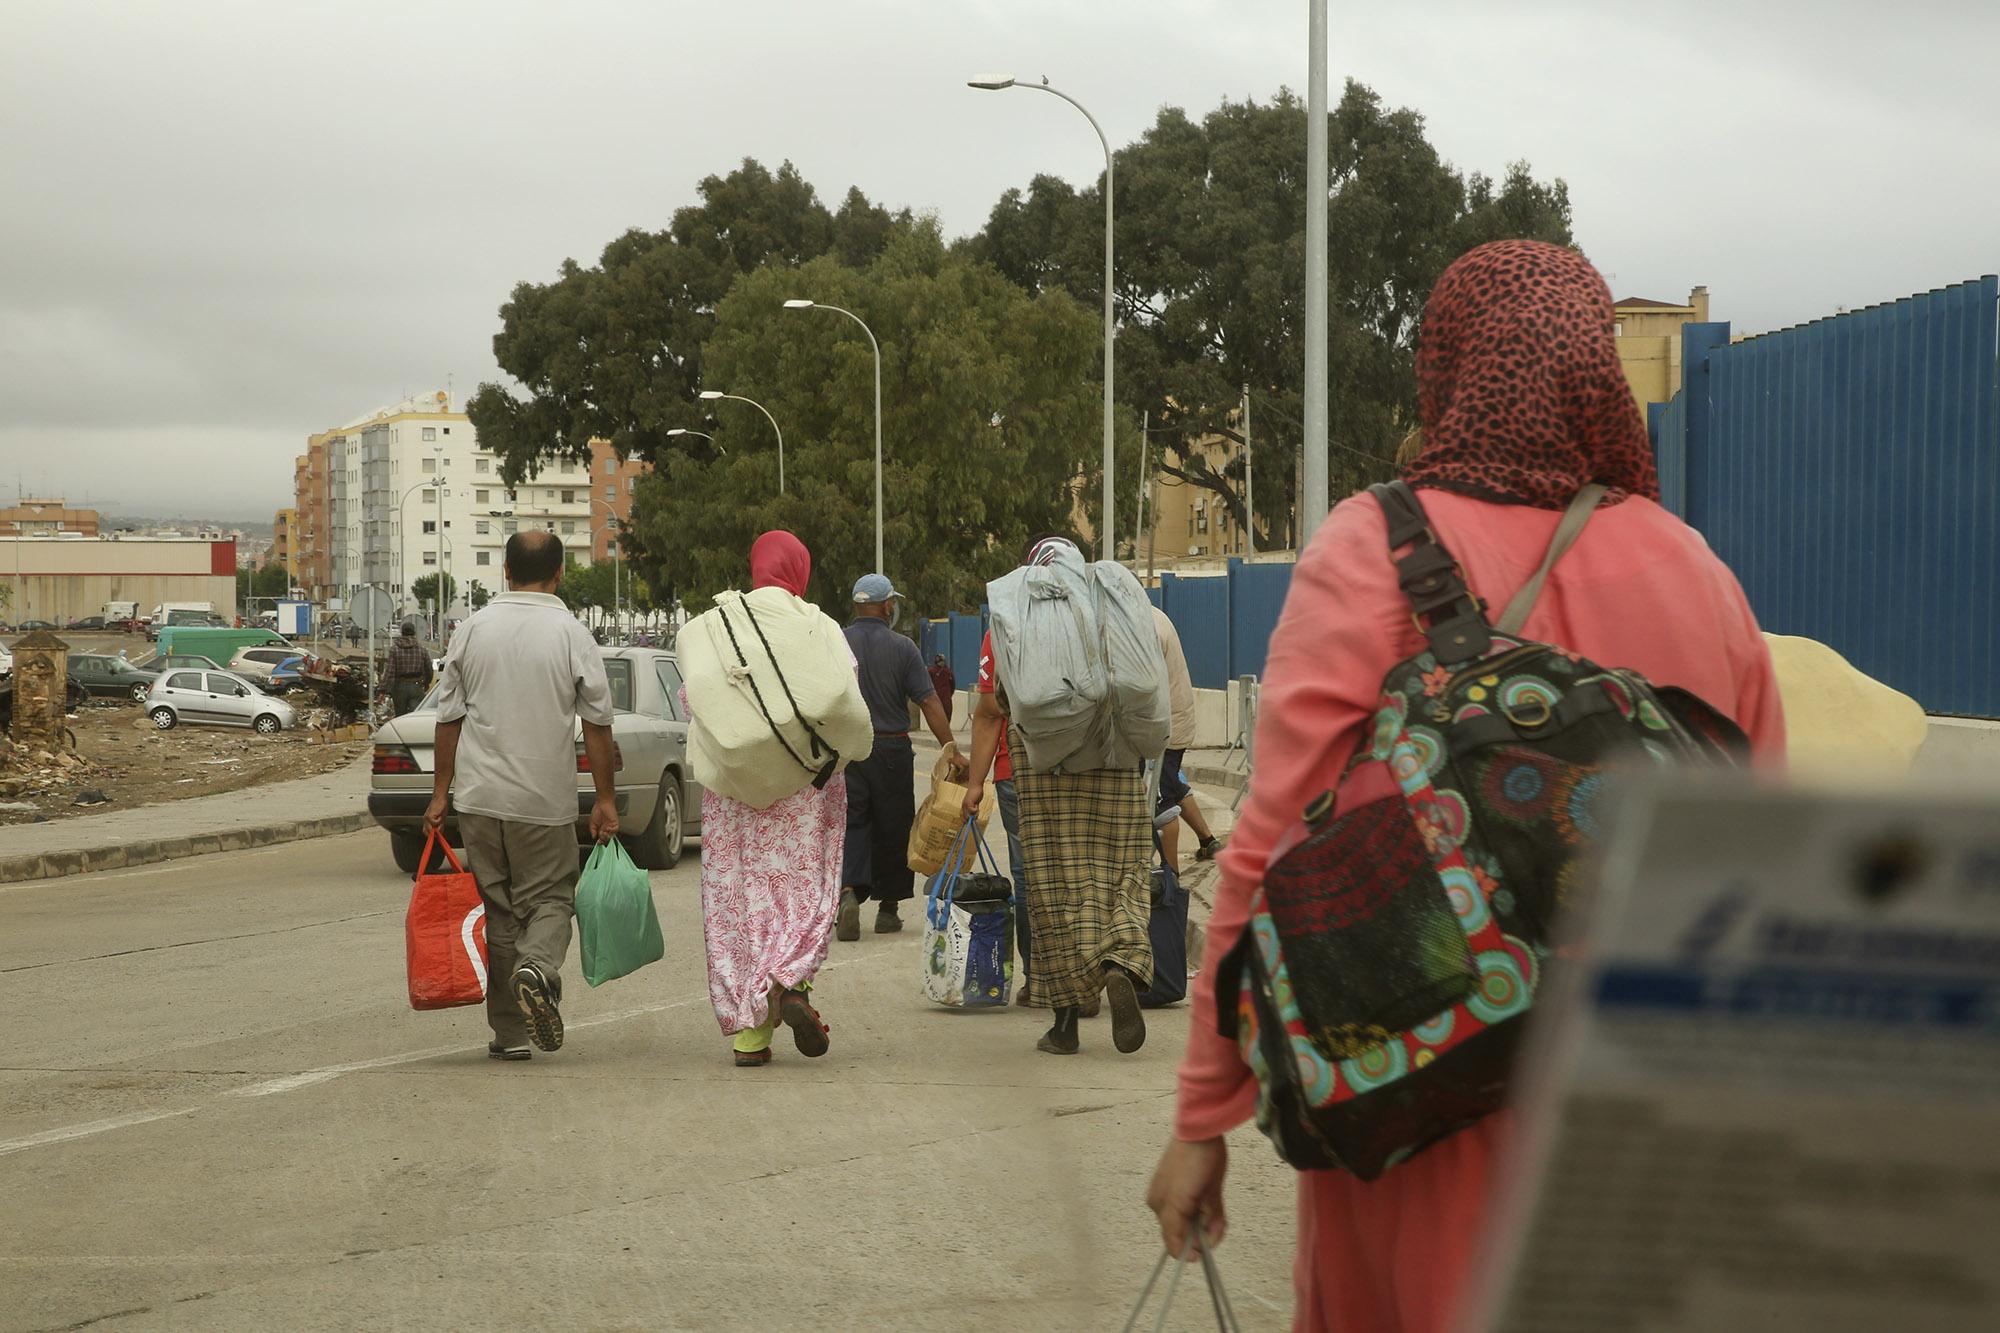 """Shampoings, cigarettes, couches, pyjamas… Des """"femmes mules"""" rapatrient toutes sortes de précieuses marchandises de Melilla, ville espagnole en territoire marocain, jusqu'au Maroc. Une contrebande tolérée grâce à laquelle elles toucheront quelques dirhams. (Photographie de Johann Prod'homme issue du reportage publié sur 8e étage """"À flanc de falaise, rencontre avec les clandestins de Melilla"""")"""